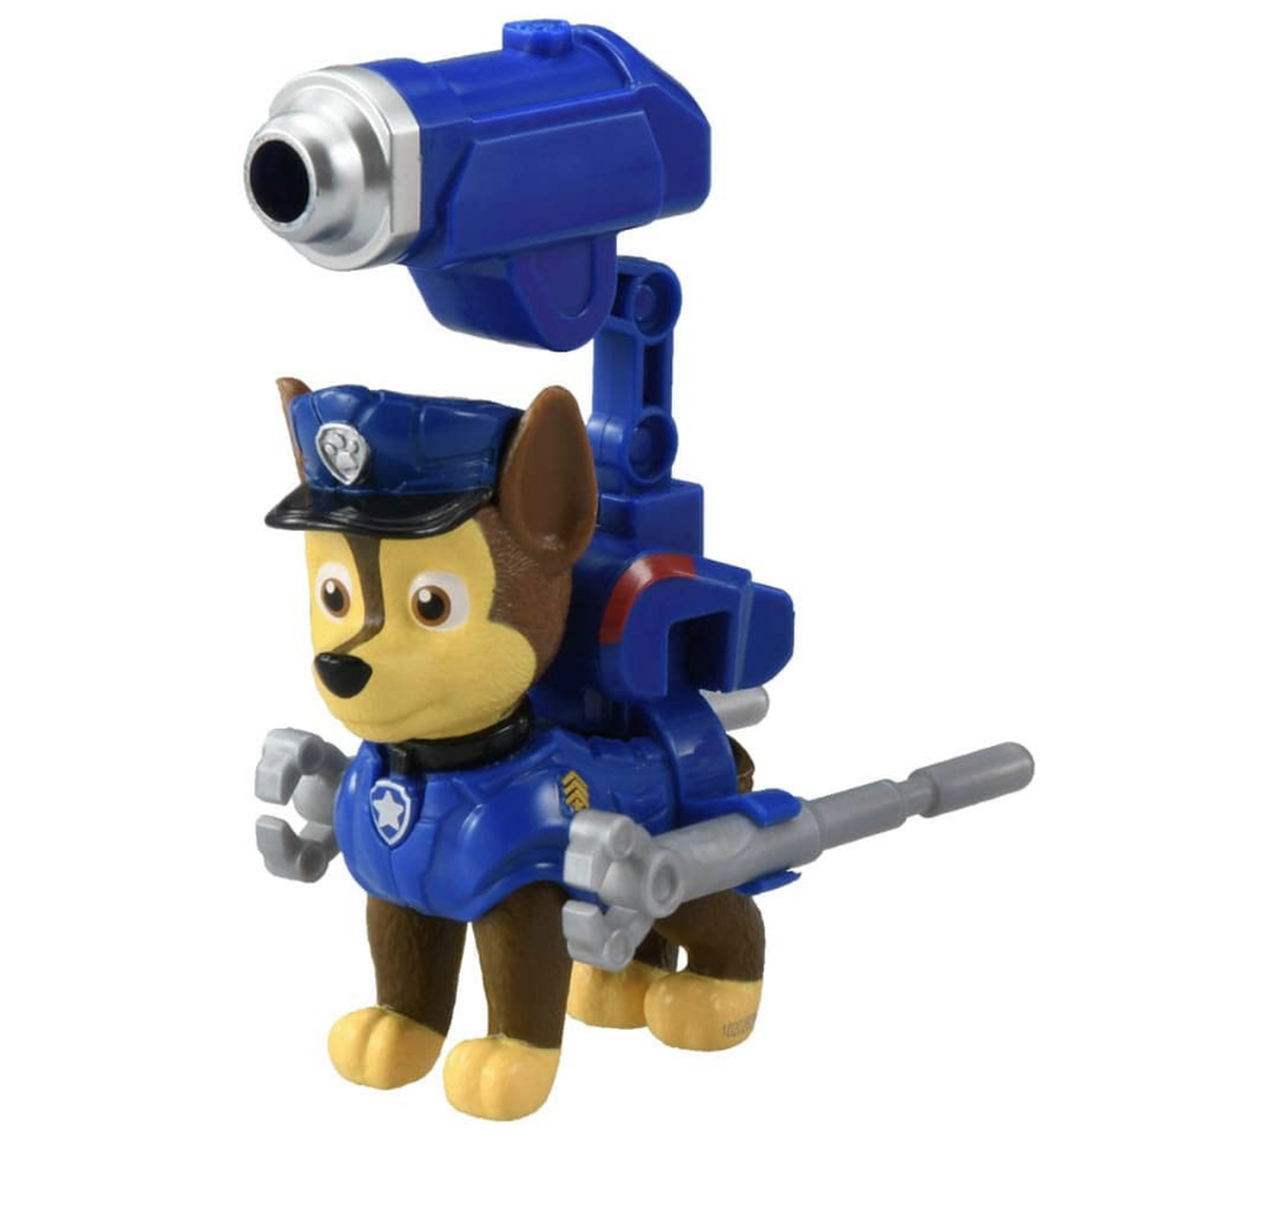 Patrulha Canina o Filme Figura Chase Com lançador 2706 Sunny